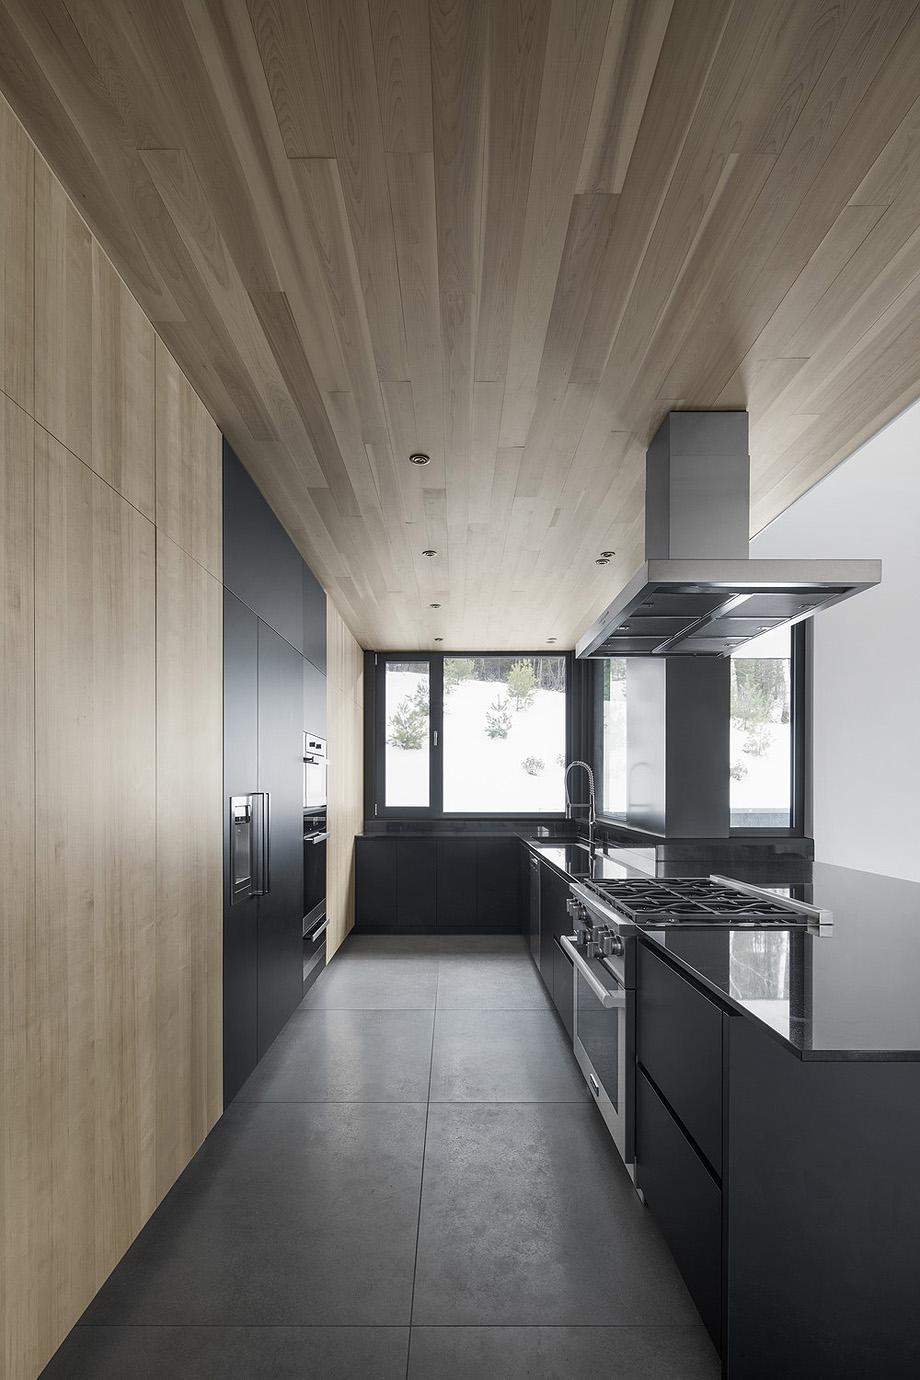 villa vingt de bourgeois lechasseur architects (10)